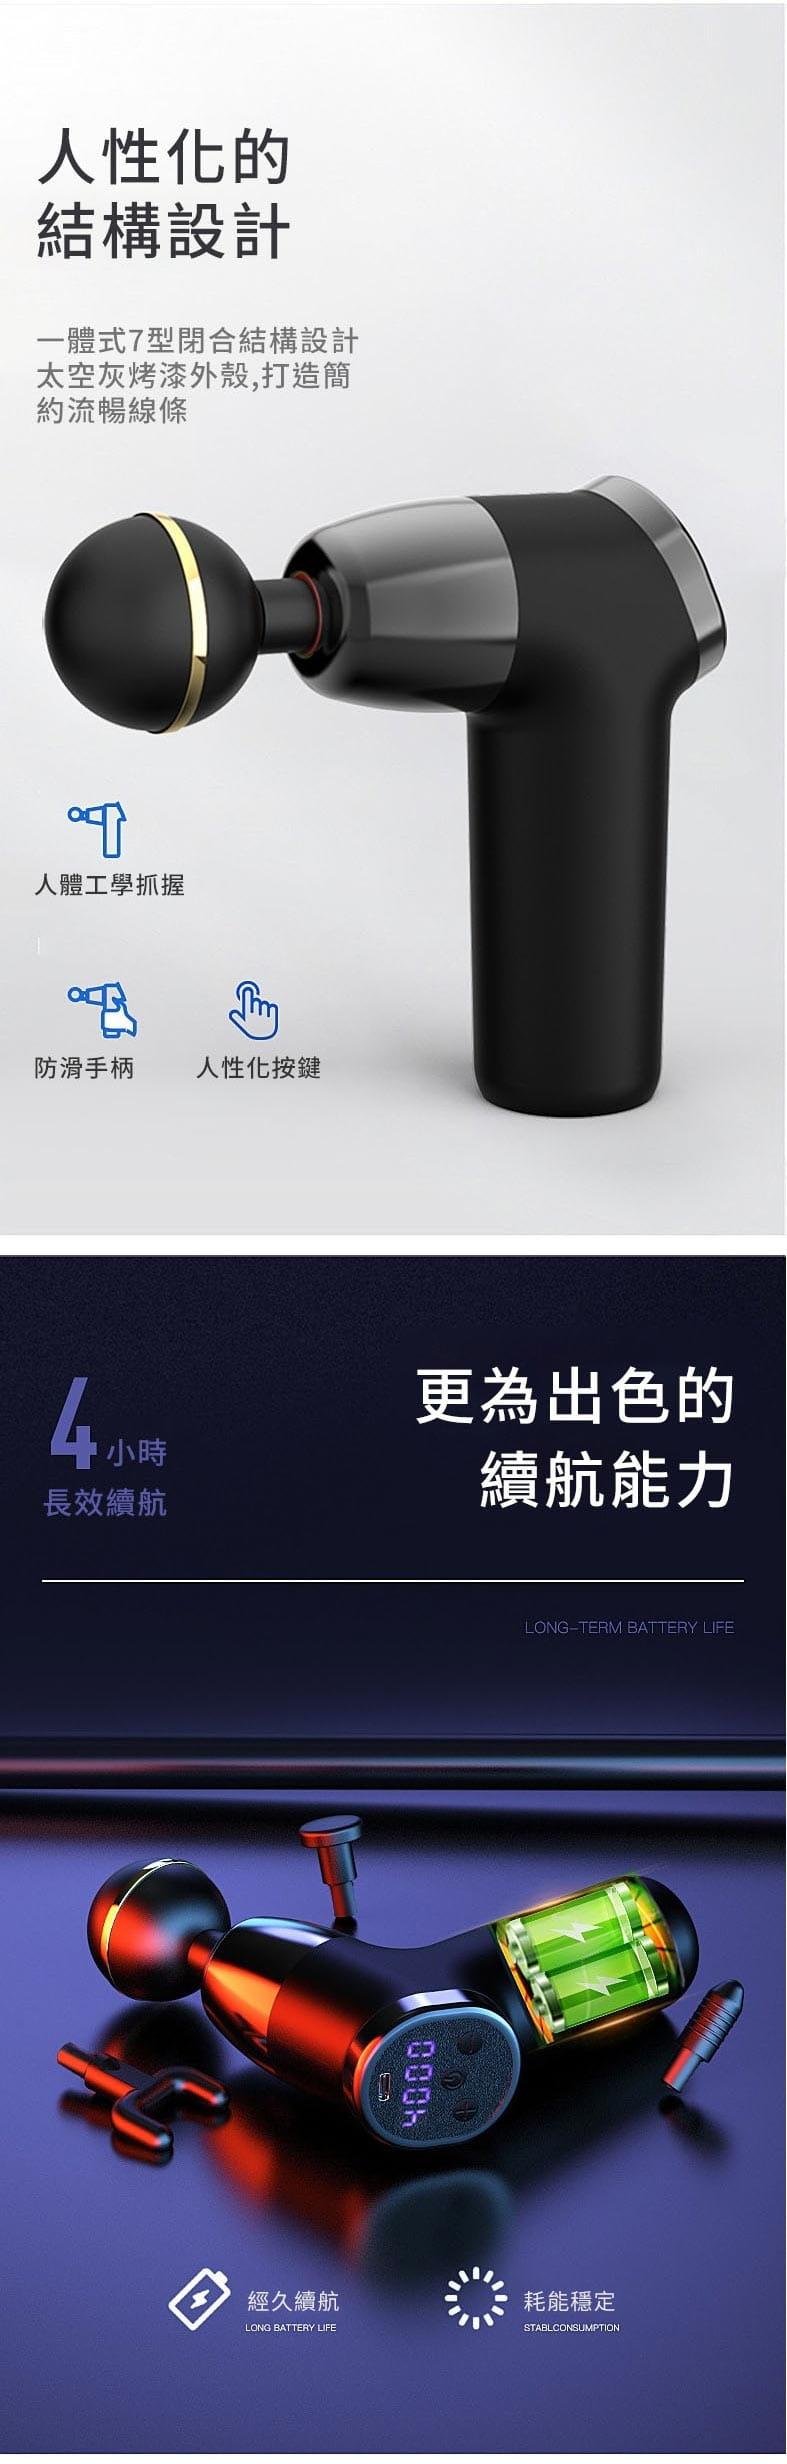 液晶版 20段速 USB電動按摩槍多功能健身肌肉按摩槍mini口袋筋膜槍 7